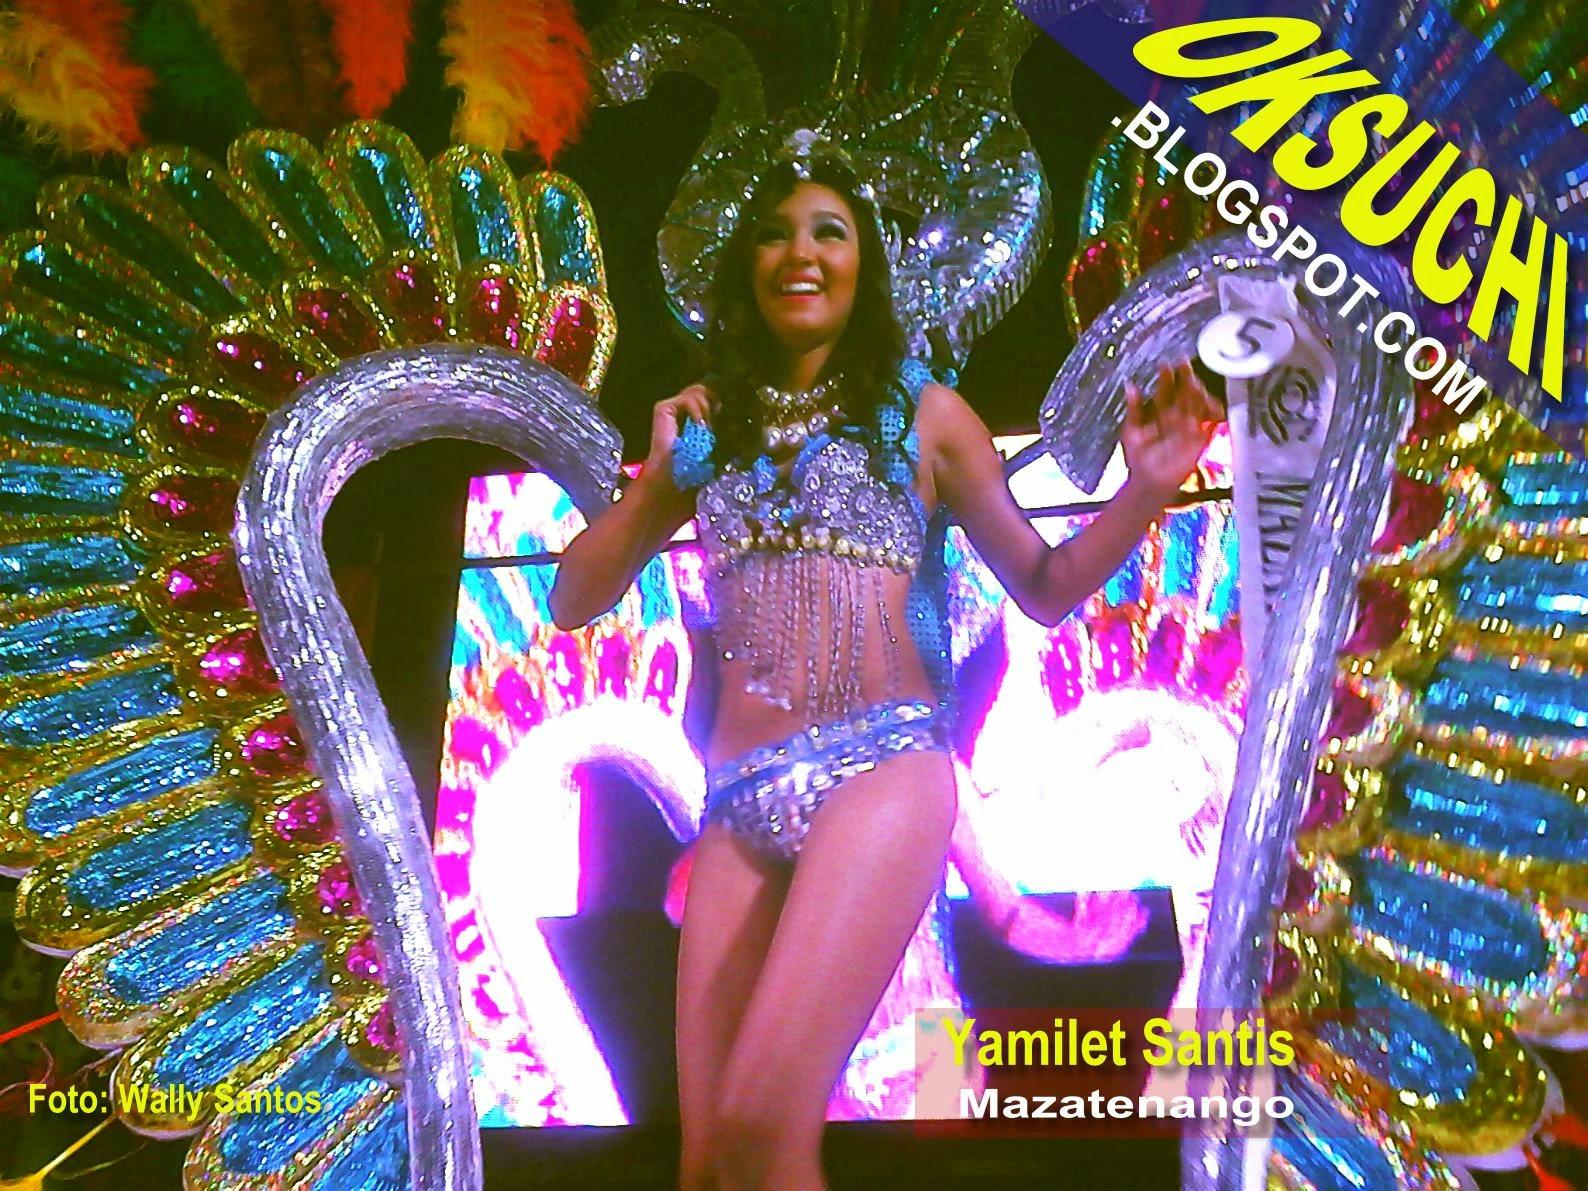 Yamilet Santis, Reina del Carnaval Mazateco 2015